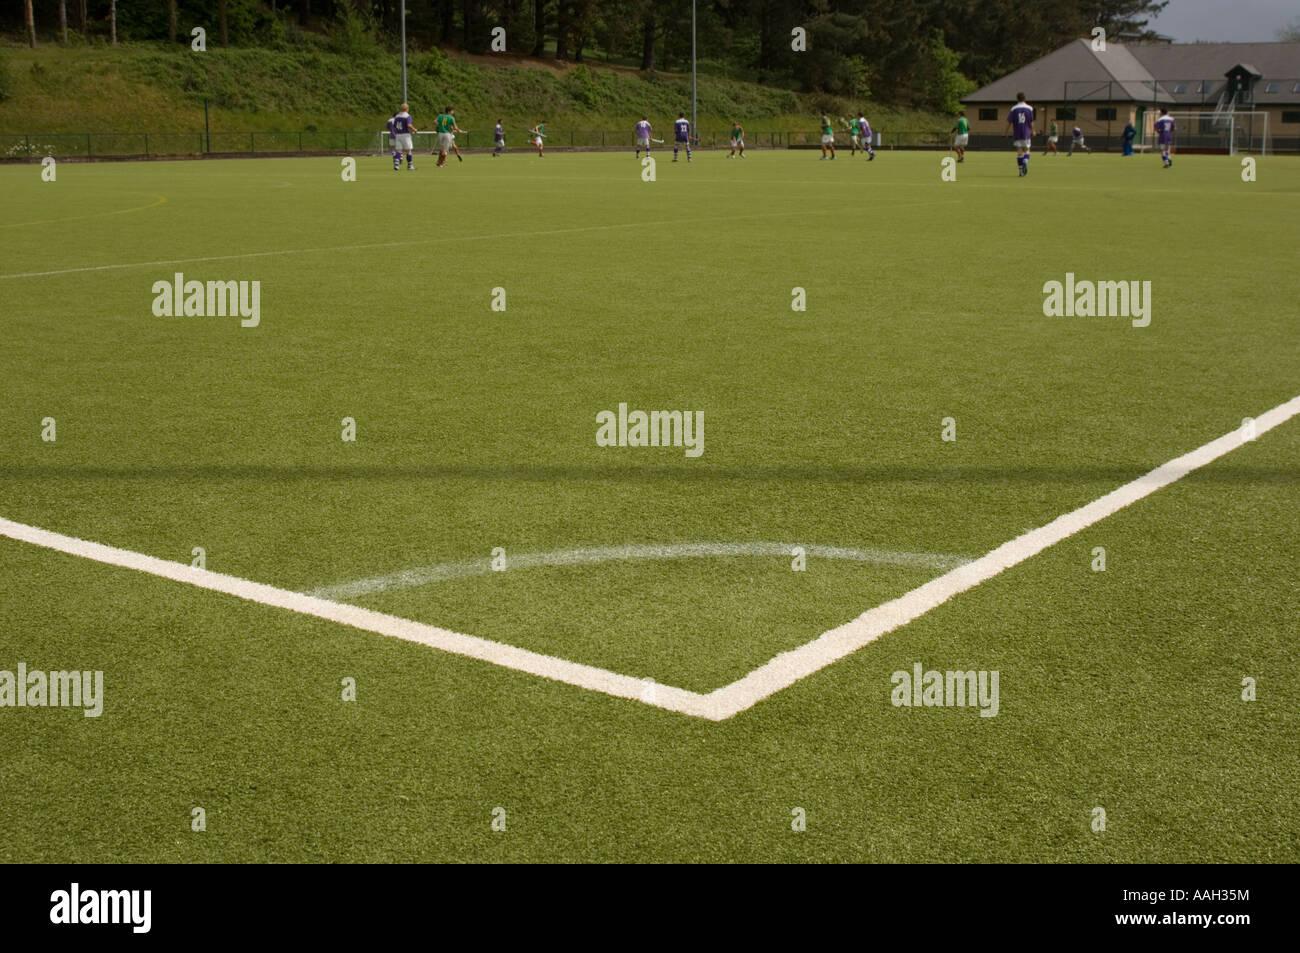 Les hommes jouaient au hockey sur surface tous temps artificielle de l'Université d'Aberystwyth - angle obtus marqué au coin du terrain, wale Banque D'Images